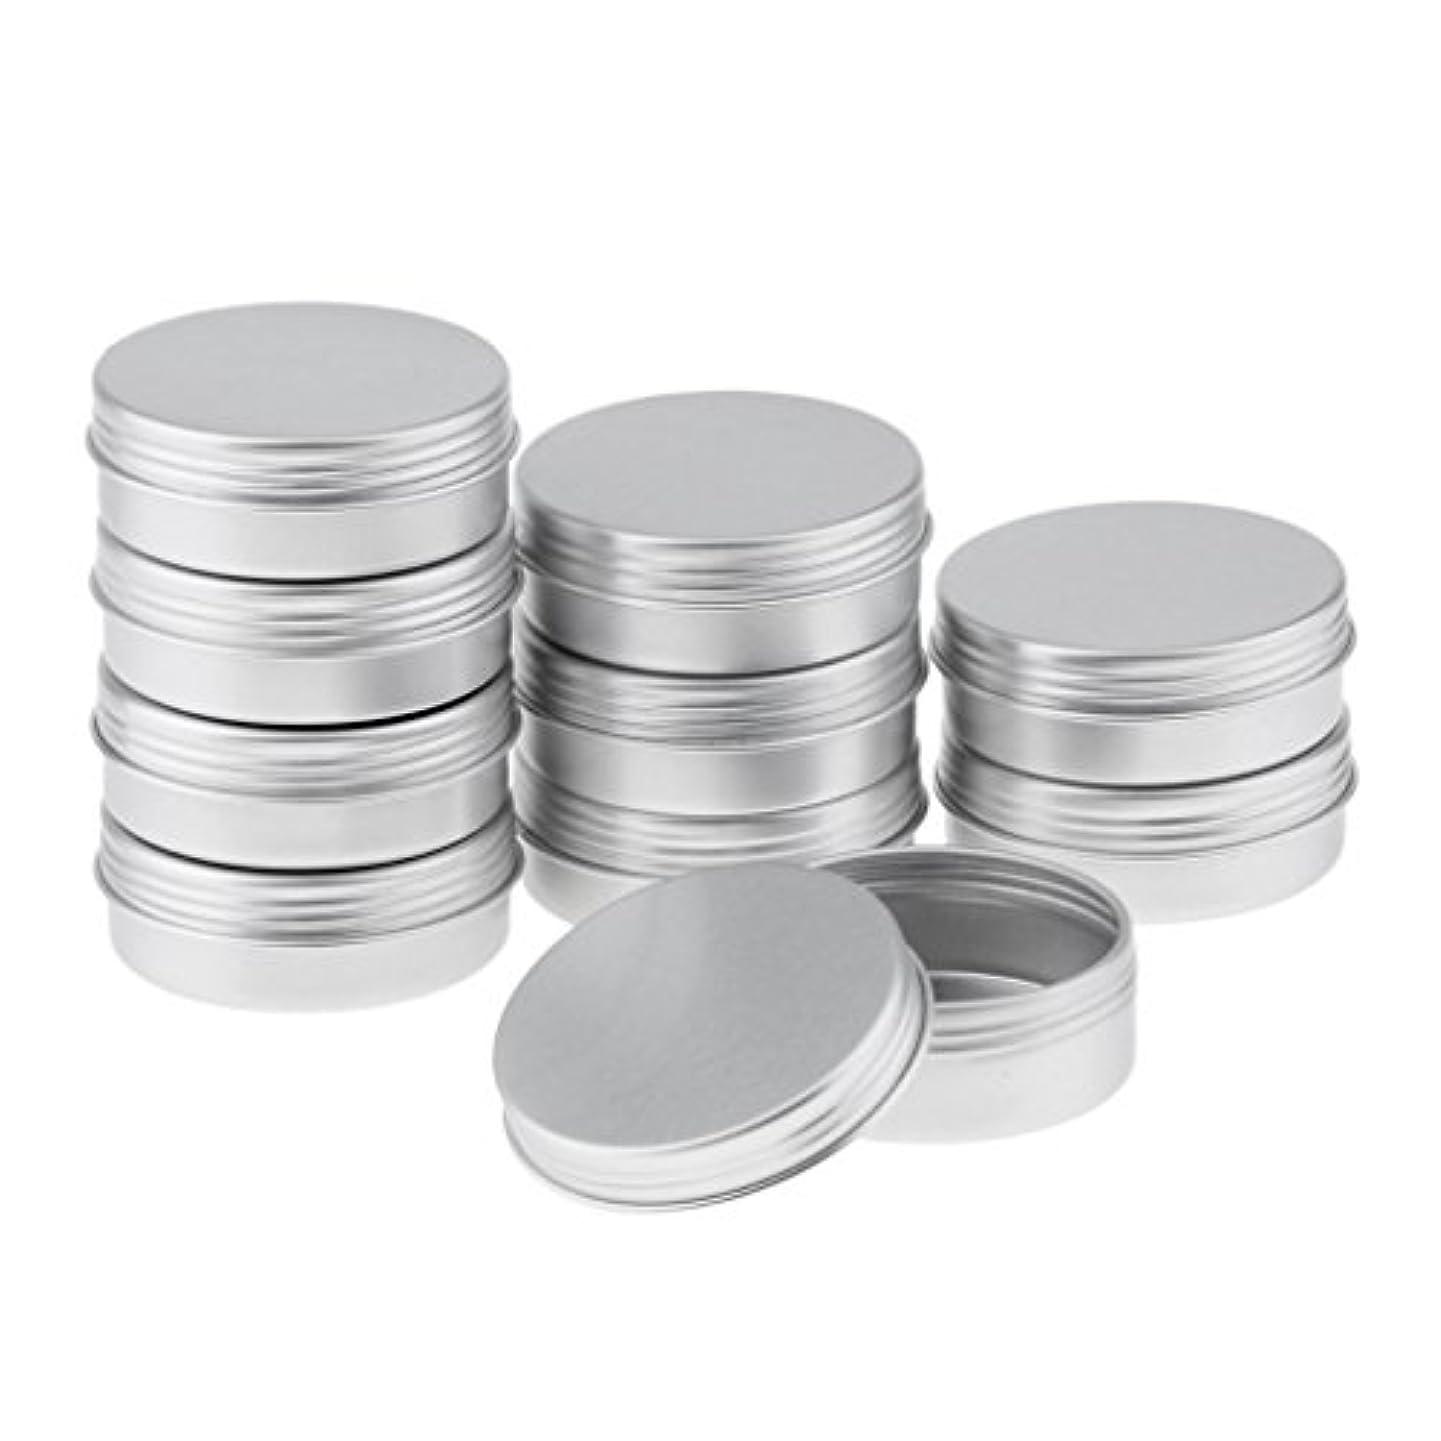 フルーツ初期のしおれた10個の25ミリリットルのアルミリップクリーム缶ポットコスメティッククリームジャーボトル容器 - 10個25ml